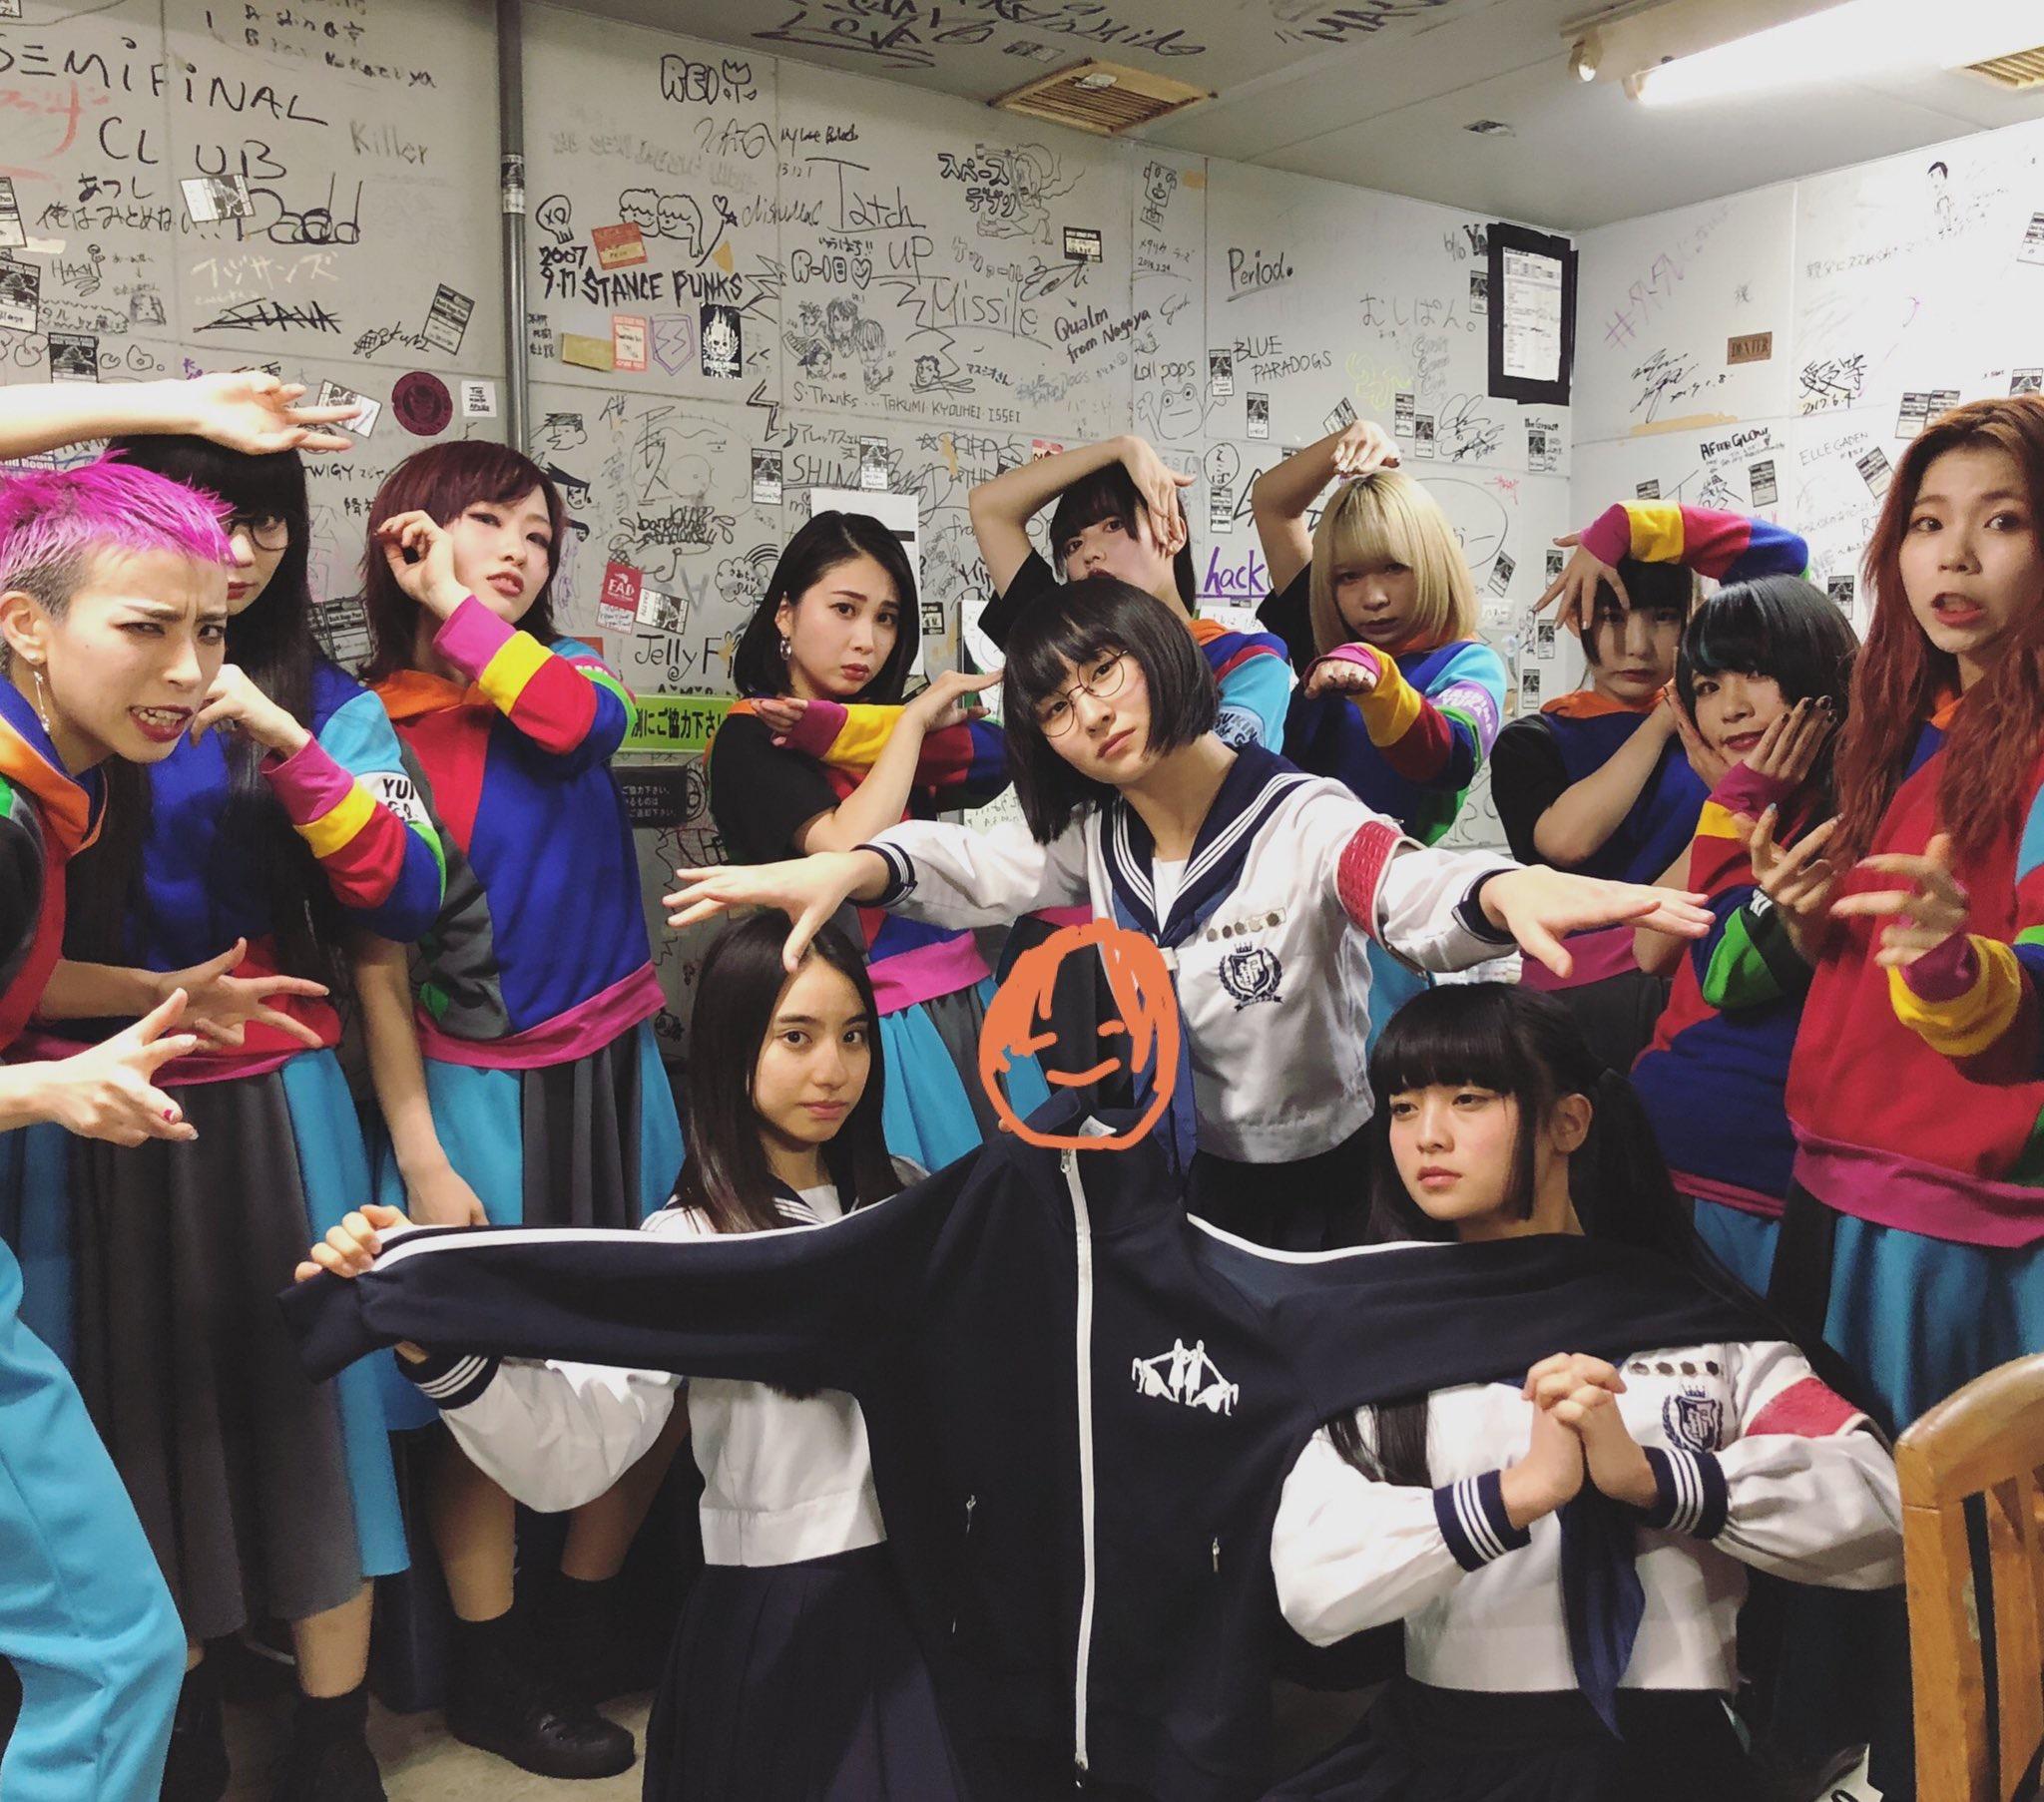 【ライブレポ】新しい学校のリーダーズ ×GANG PARADE(ギャンパレ) の2マン「偶像襲来」 in 松本ALECX セットリスト